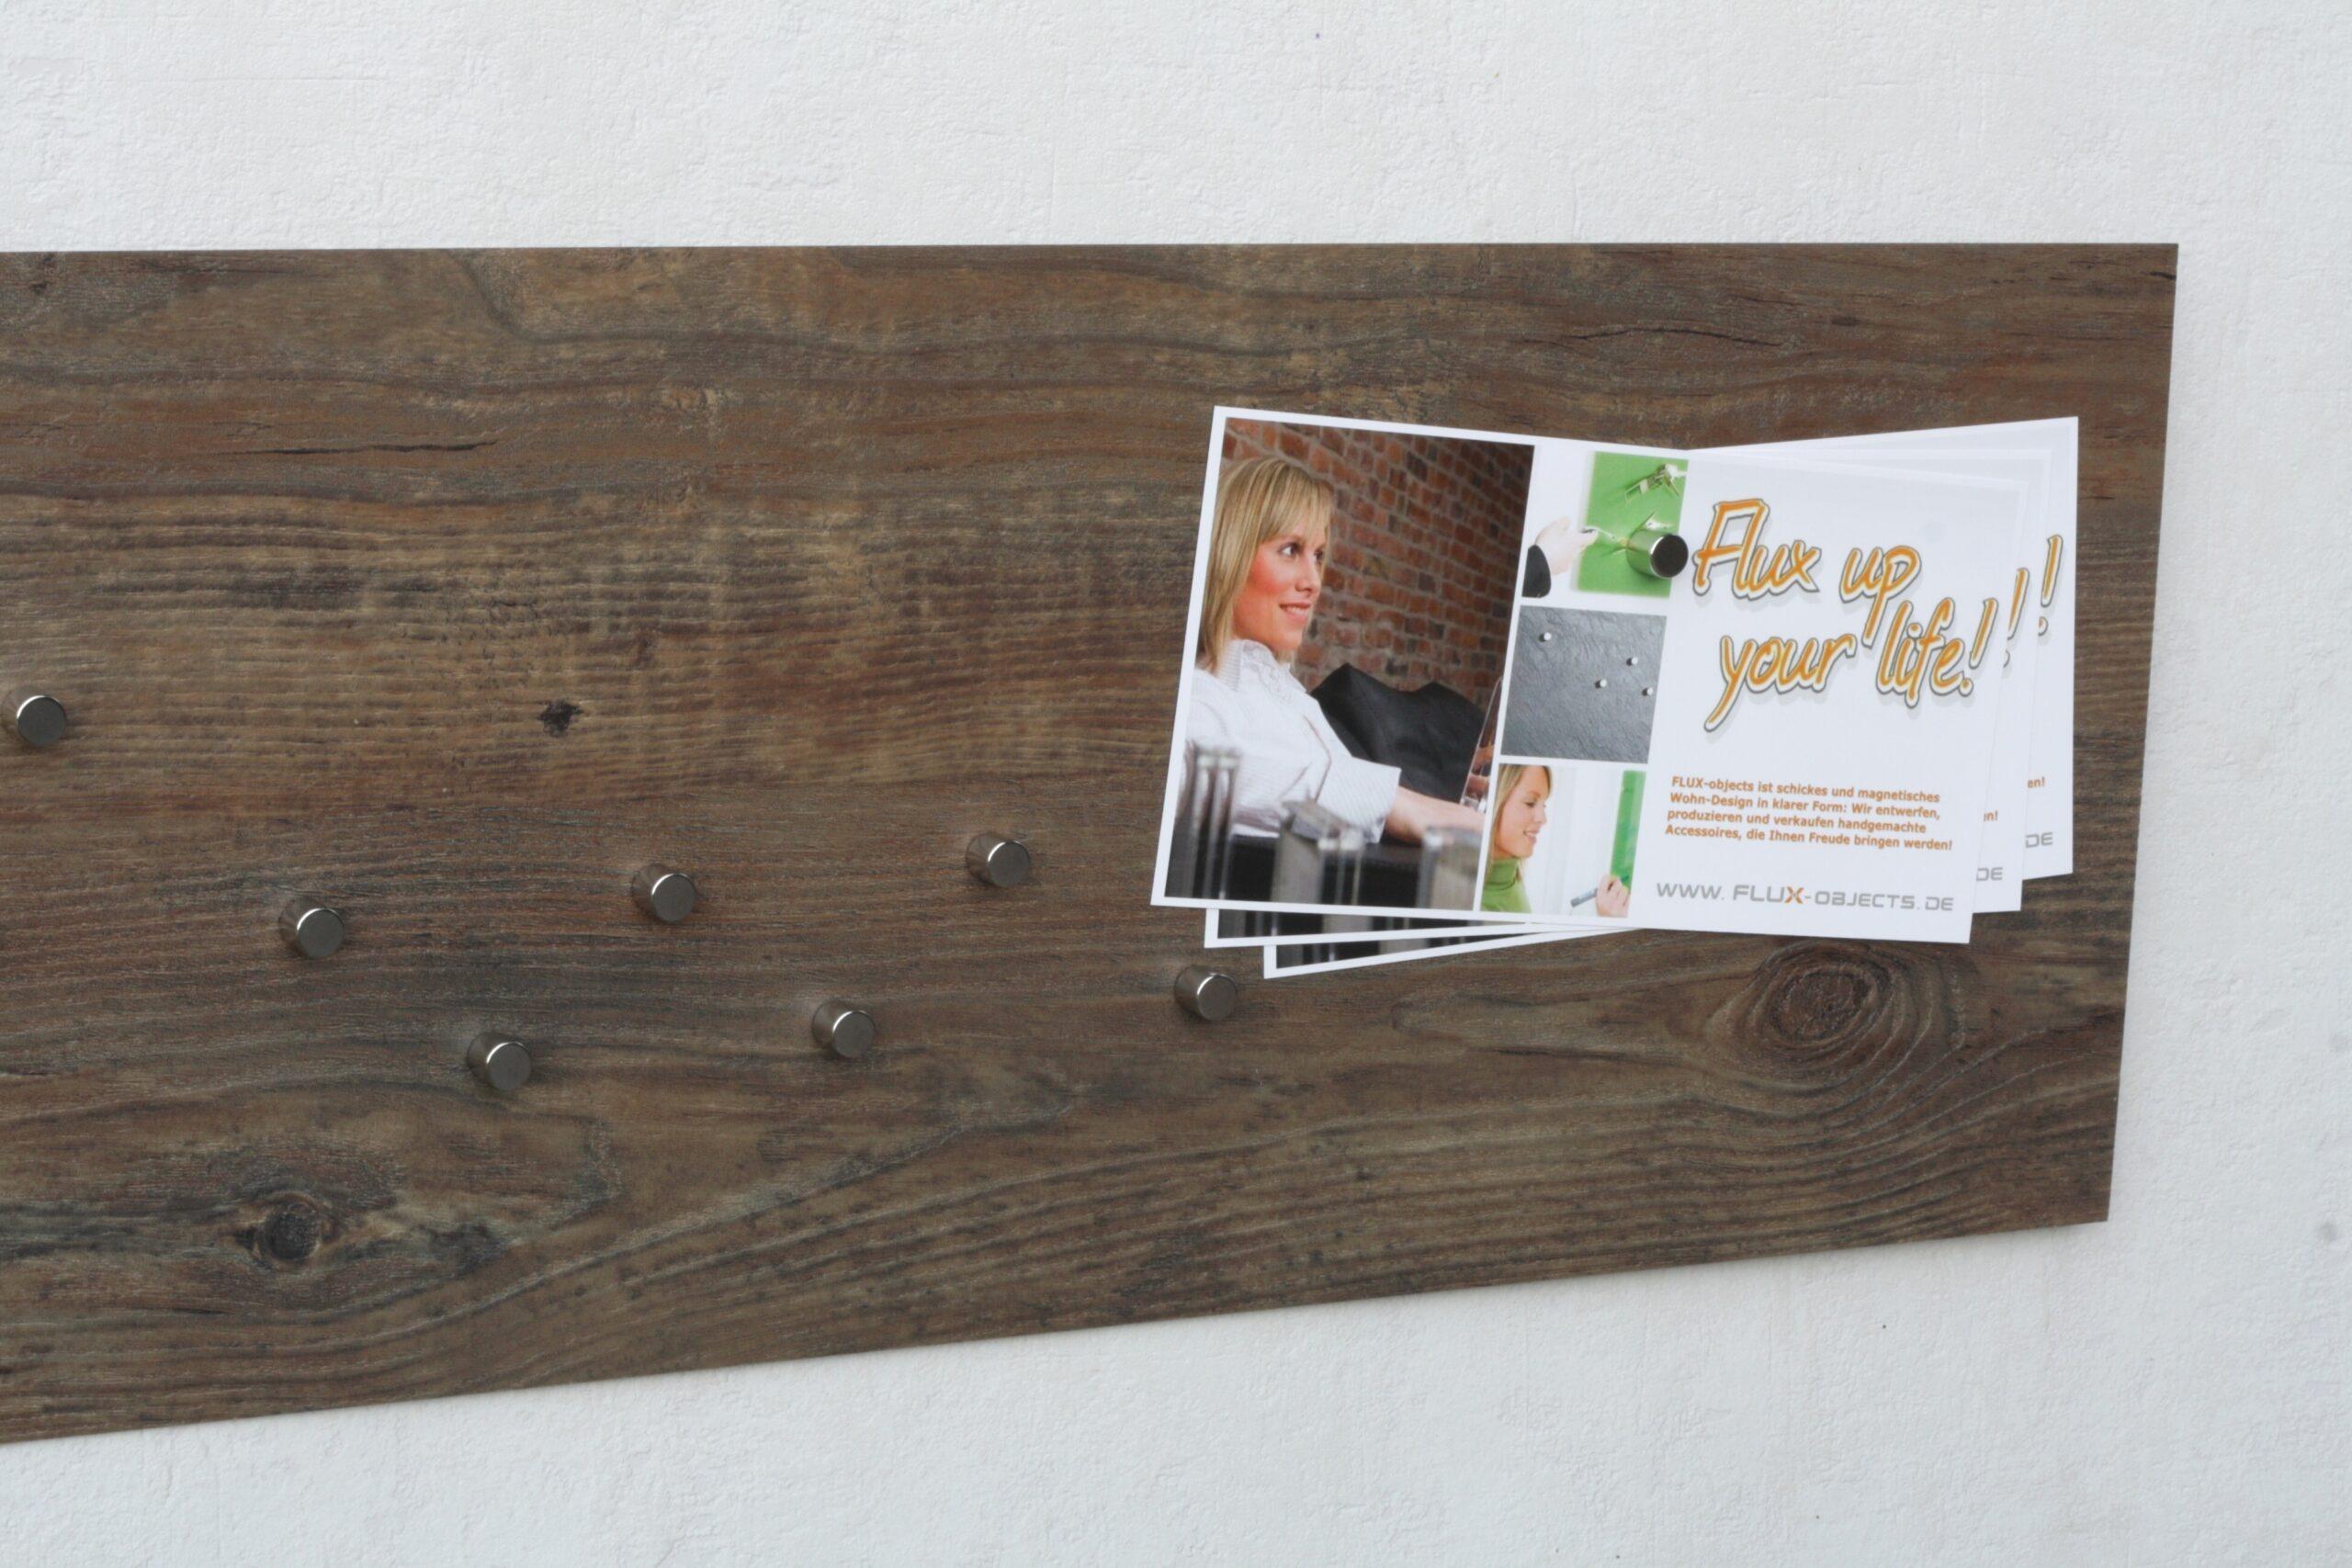 Full Size of Pinnwand Kche Message Boards Home Sitzbank Küche Sitzgruppe Aufbewahrungsbehälter Alno U Form Fliesen Für Ohne Elektrogeräte Gardine Tresen Sideboard Mit Wohnzimmer Pinnwand Küche